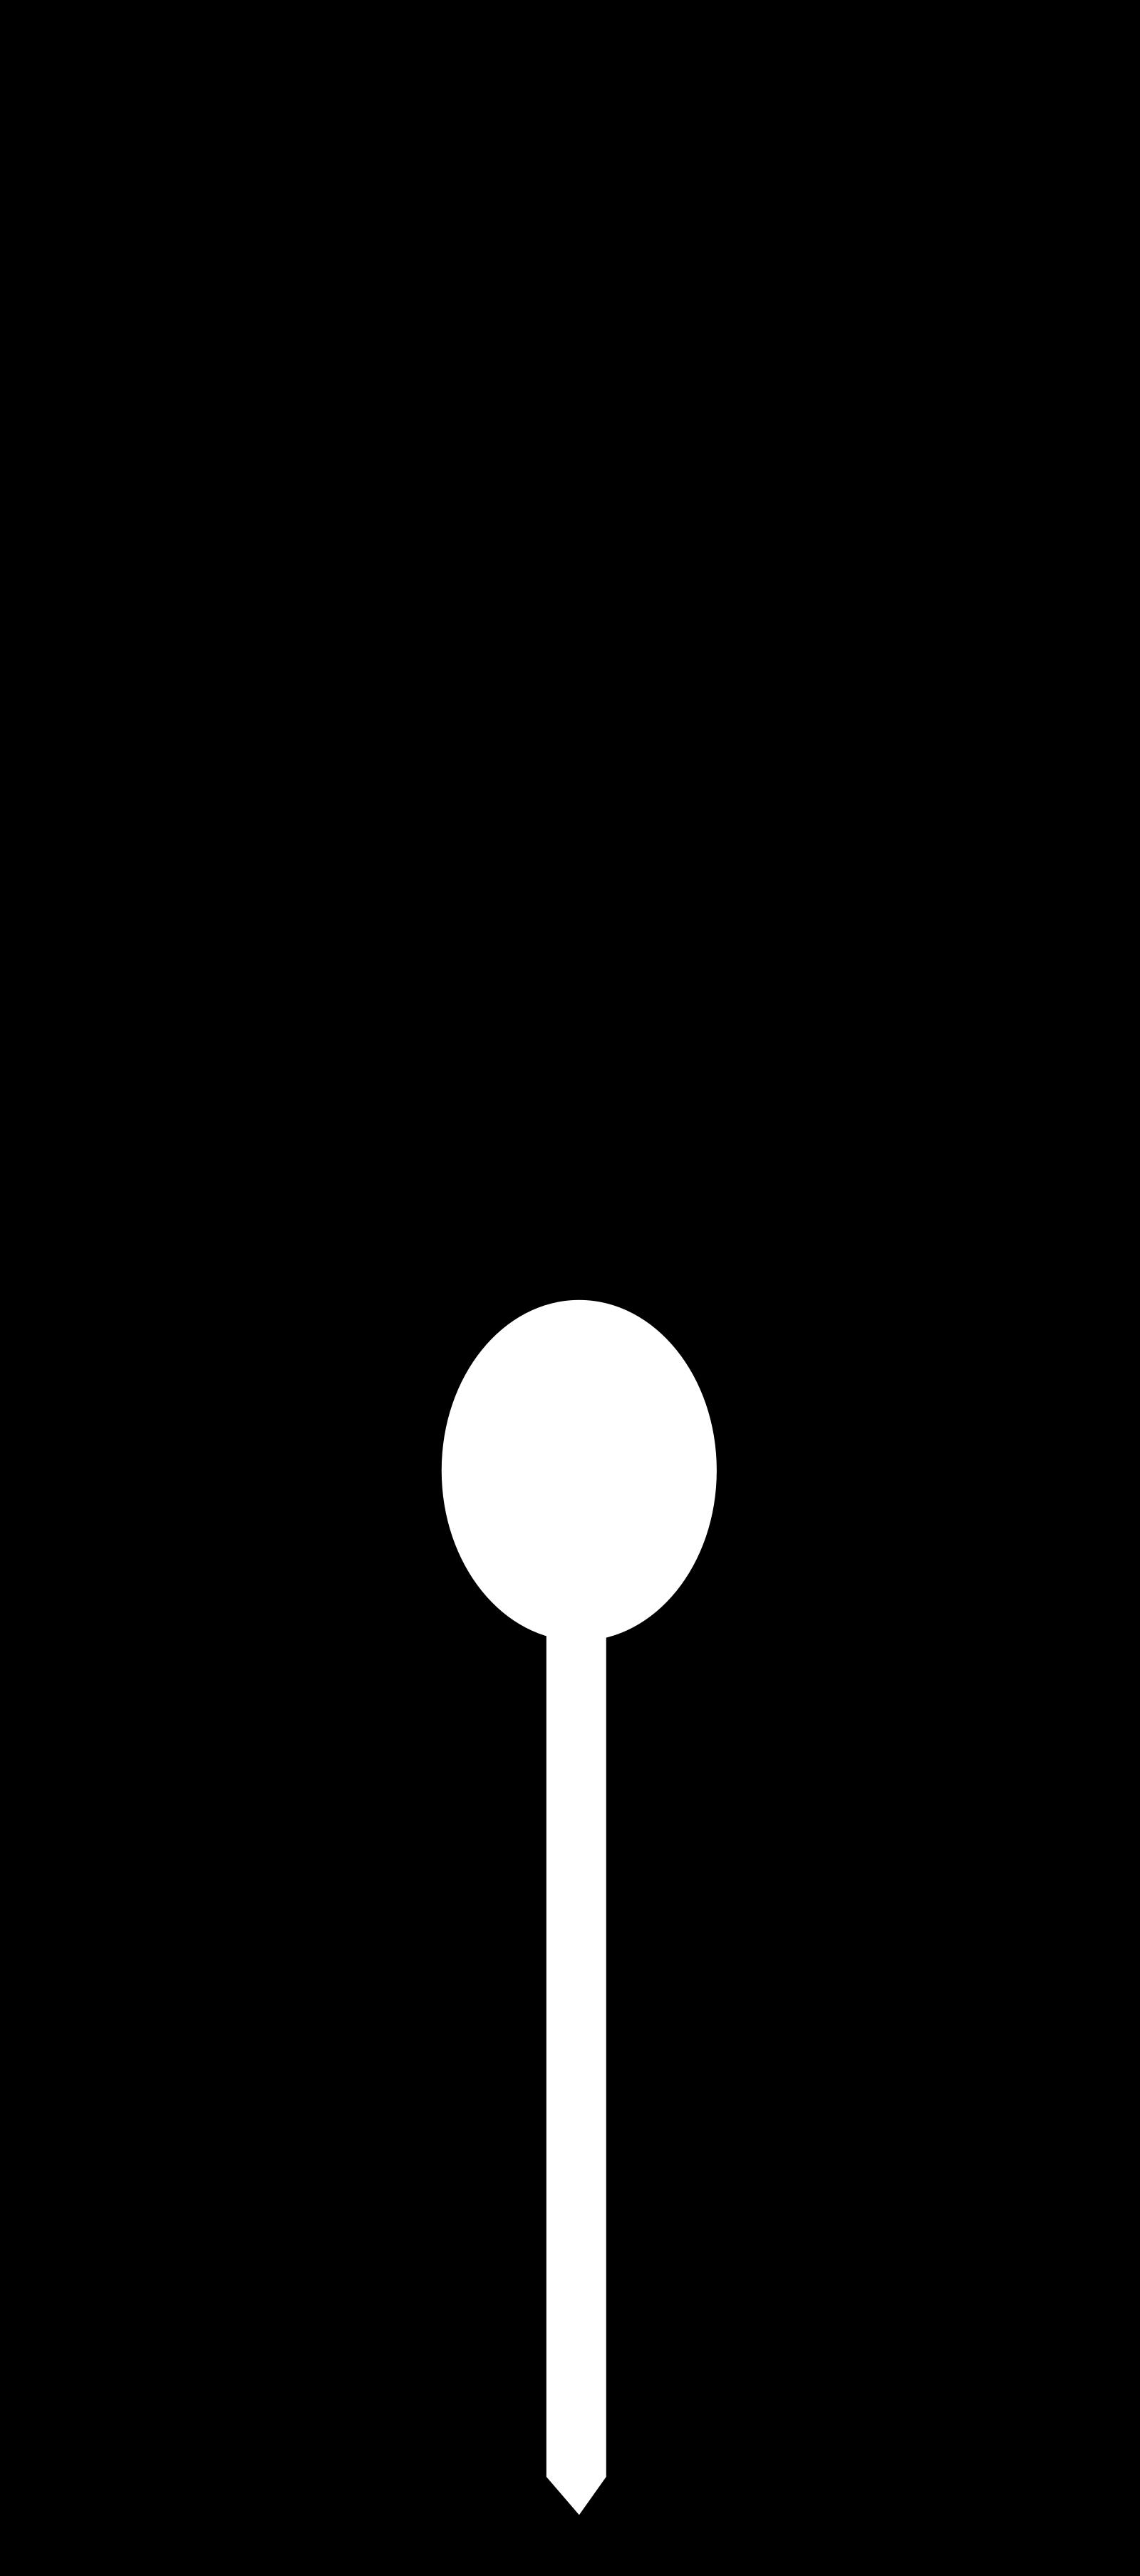 Style Pen SVG Clip arts